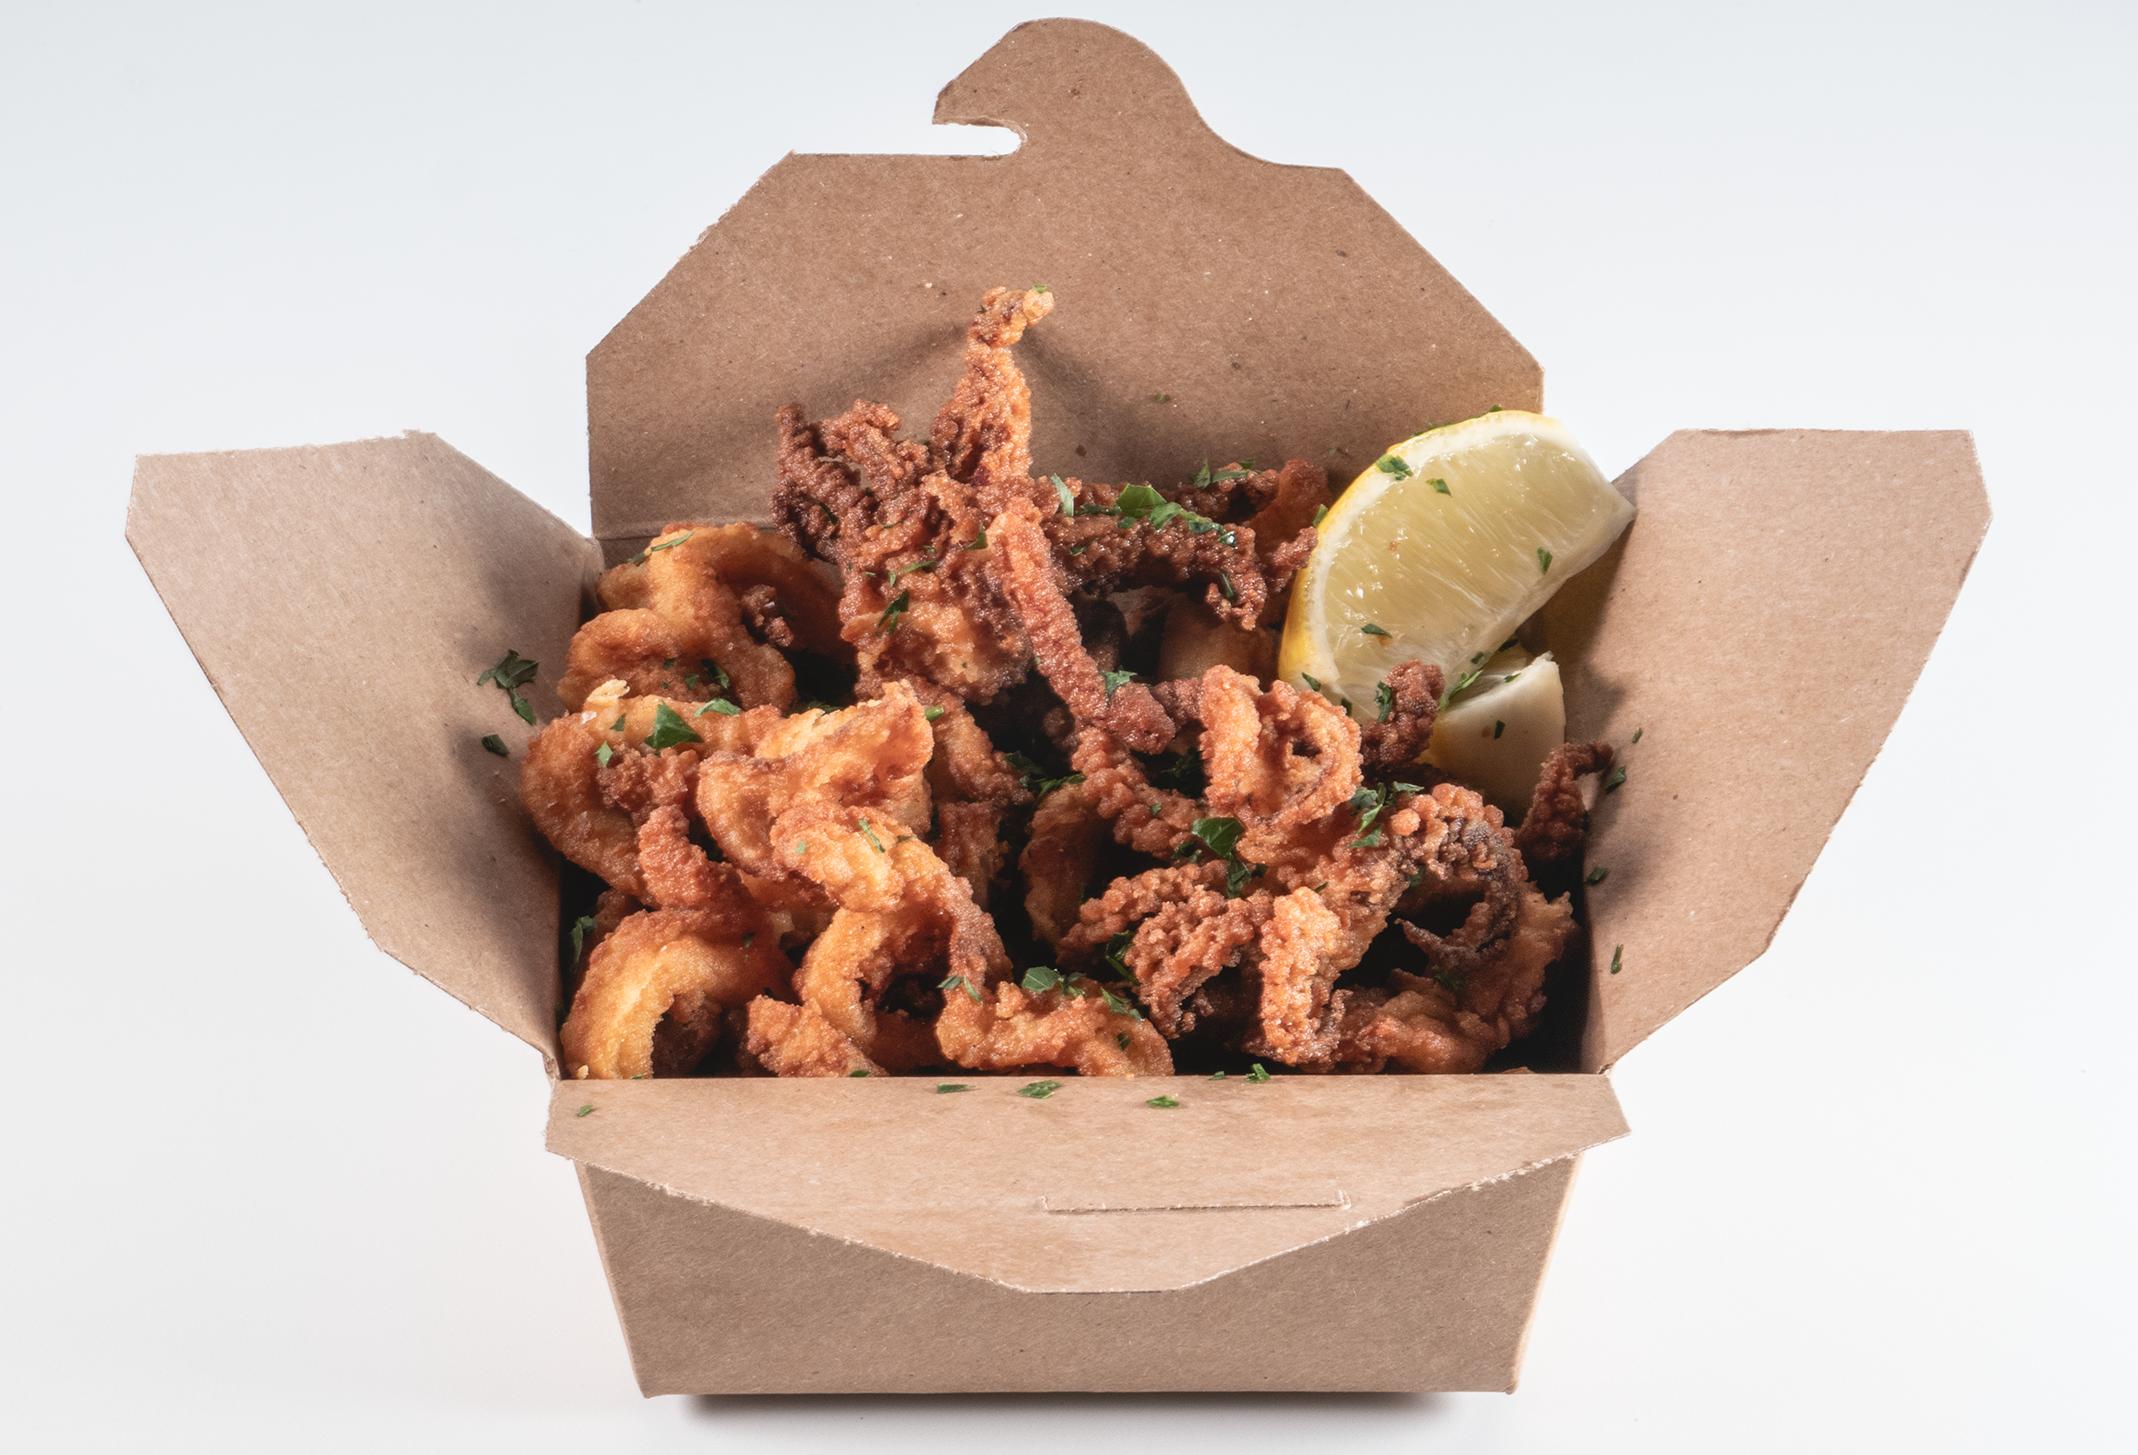 Fried Calamari - The Daily Catch